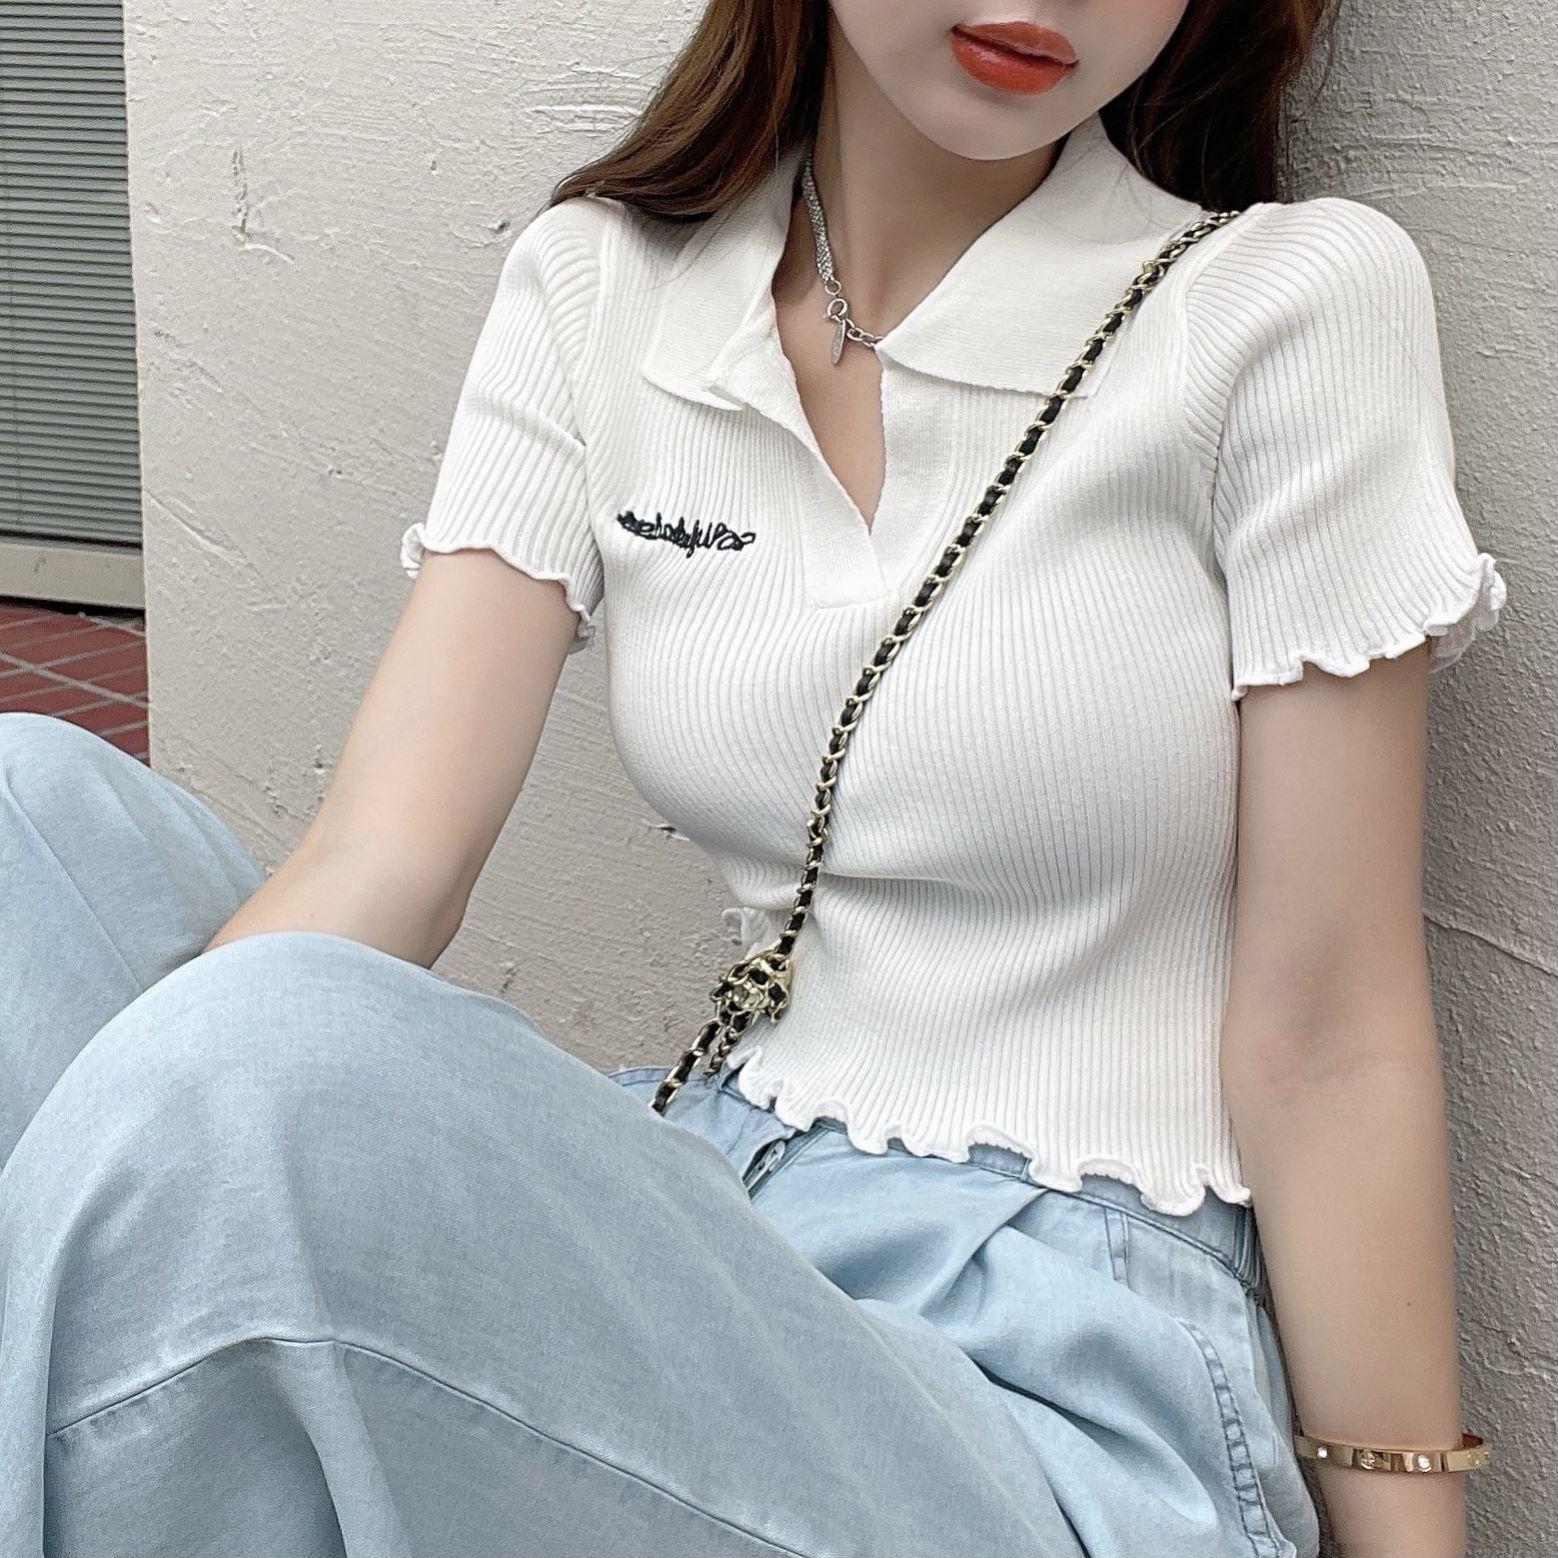 韓国 ファッション トップス Tシャツ カットソー 春 夏 カジュアル PTXK349  スキッパー リブ 襟付き ショート ウェーブ オルチャン シンプル 定番 セレカジの写真2枚目